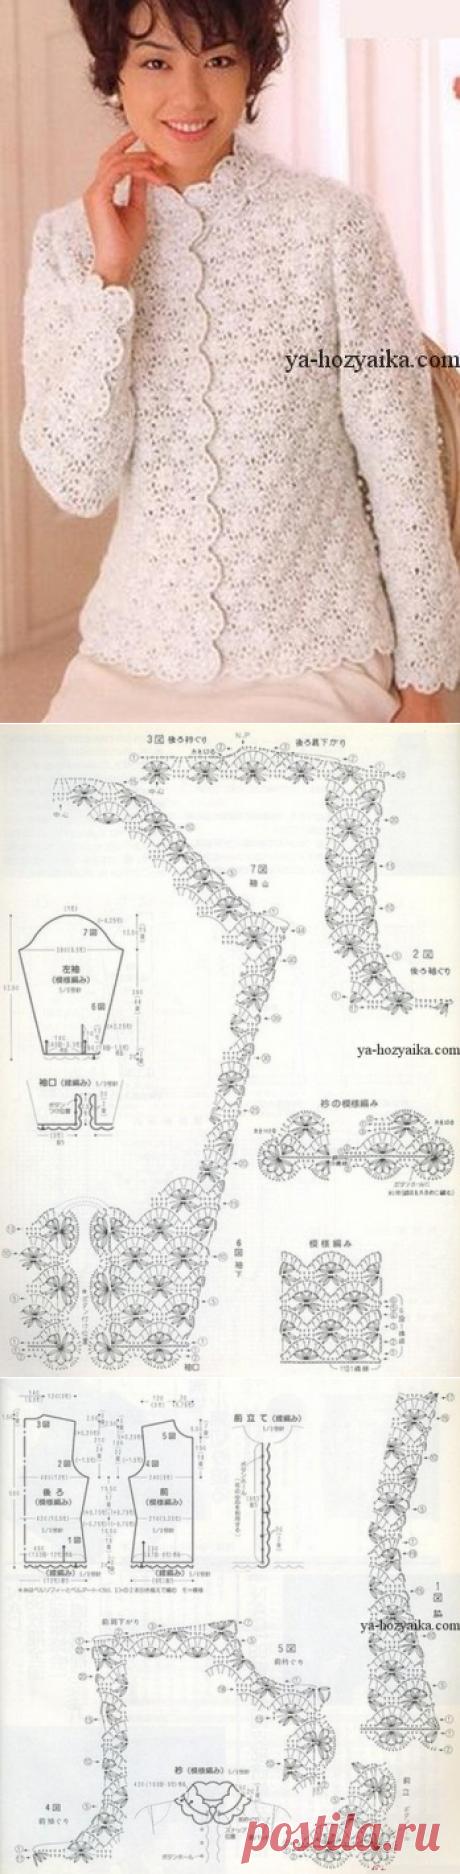 Элегантный жакет крючком. Схема вязания жакета крючком